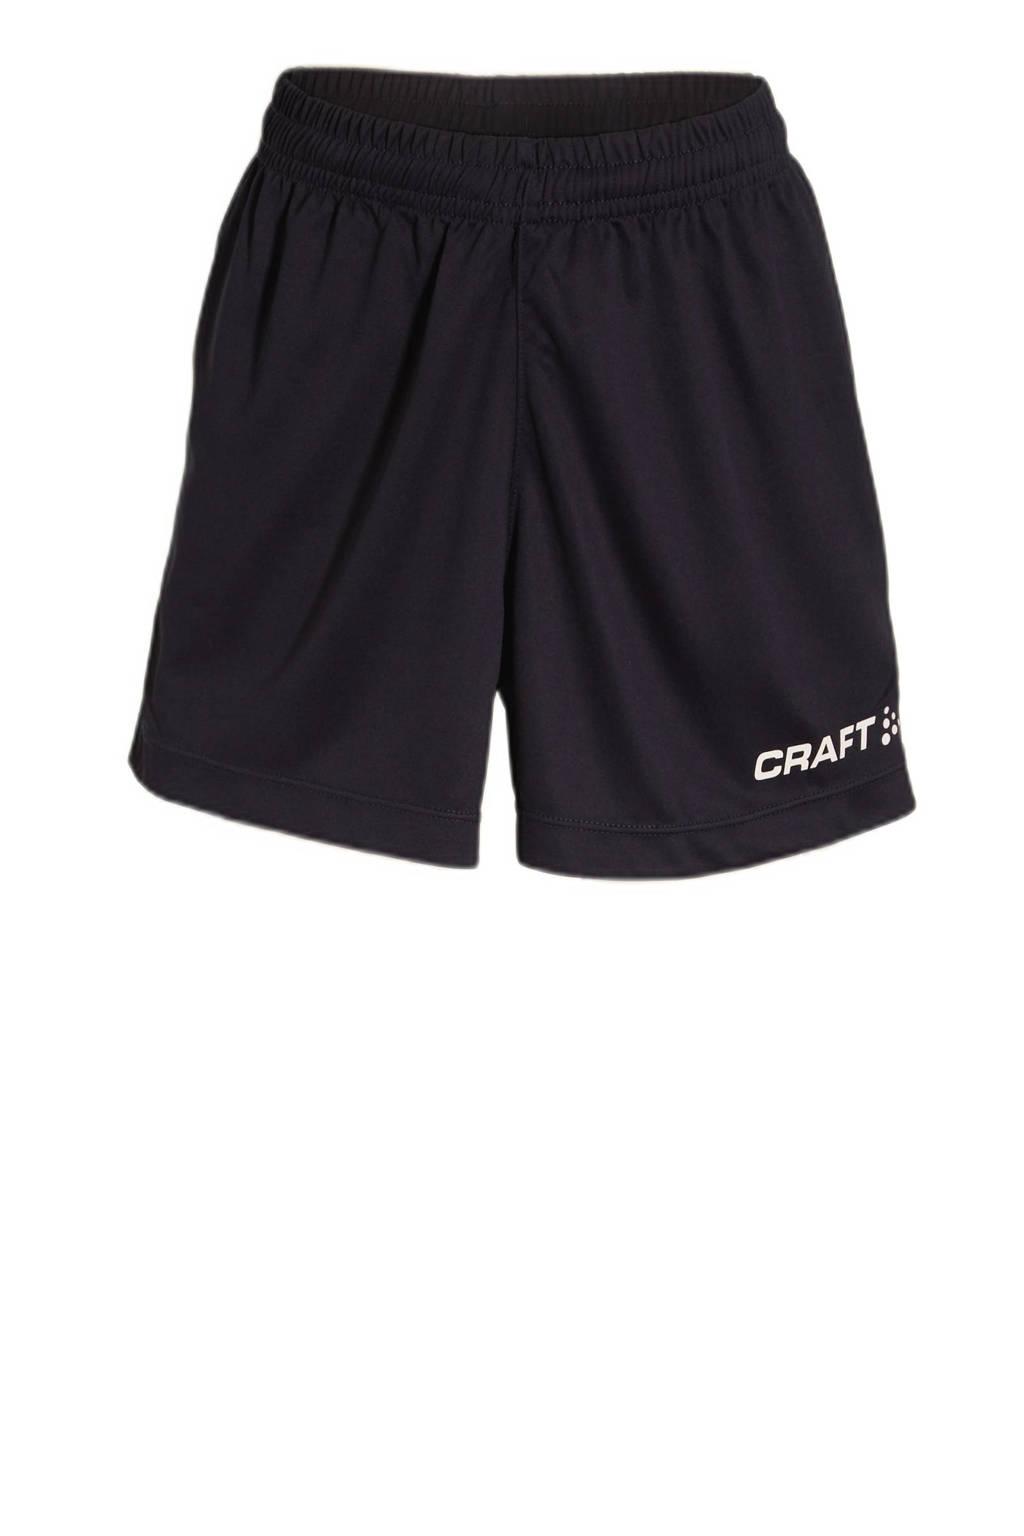 Craft Junior  sportshort donkerblauw, Donkerblauw